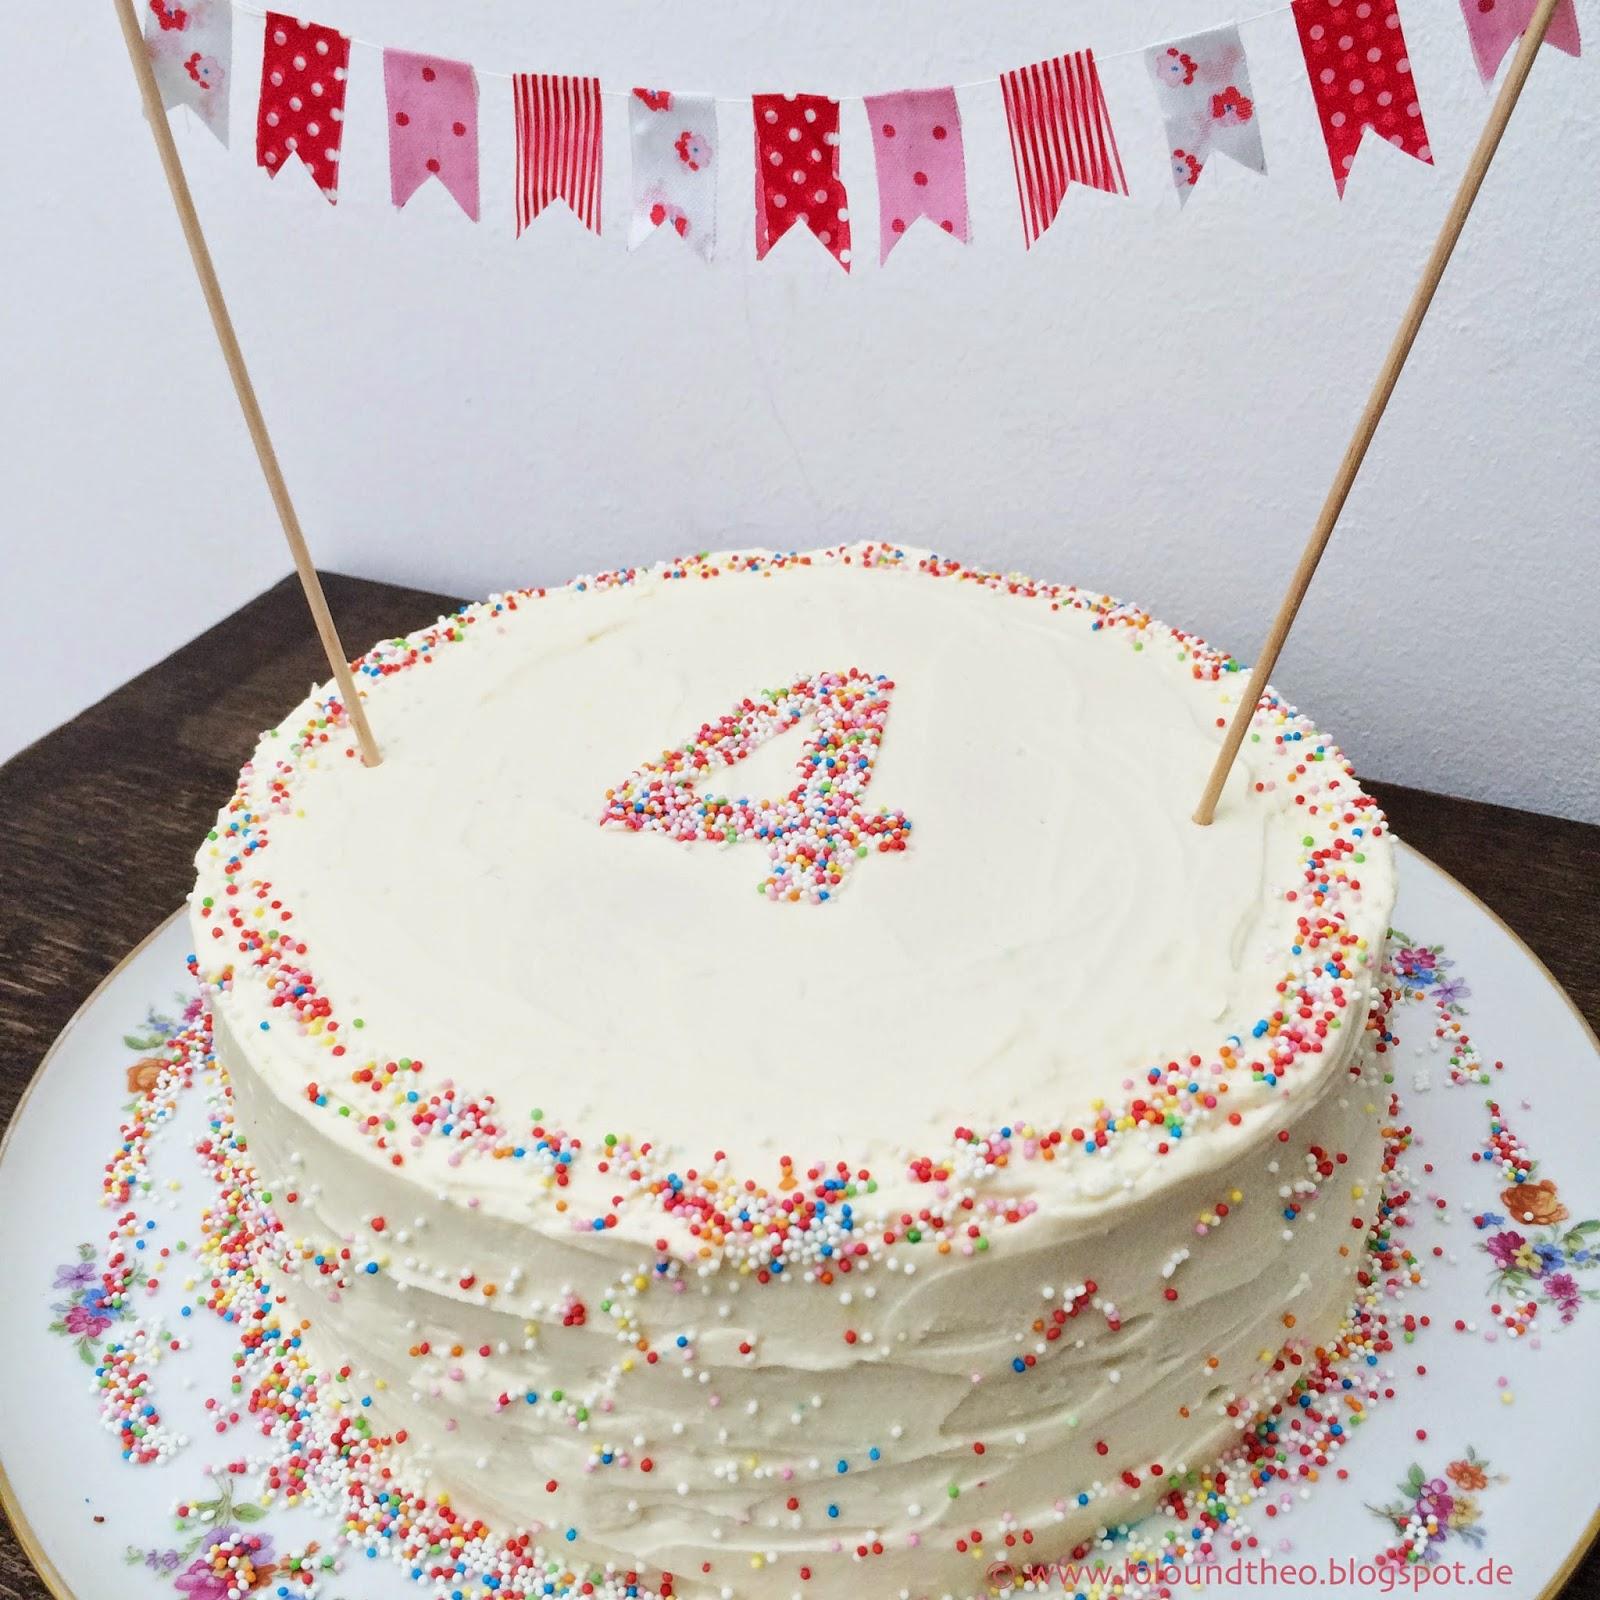 lolo und theo happy birthday 4 jahre und ein regenbogenkuchen. Black Bedroom Furniture Sets. Home Design Ideas